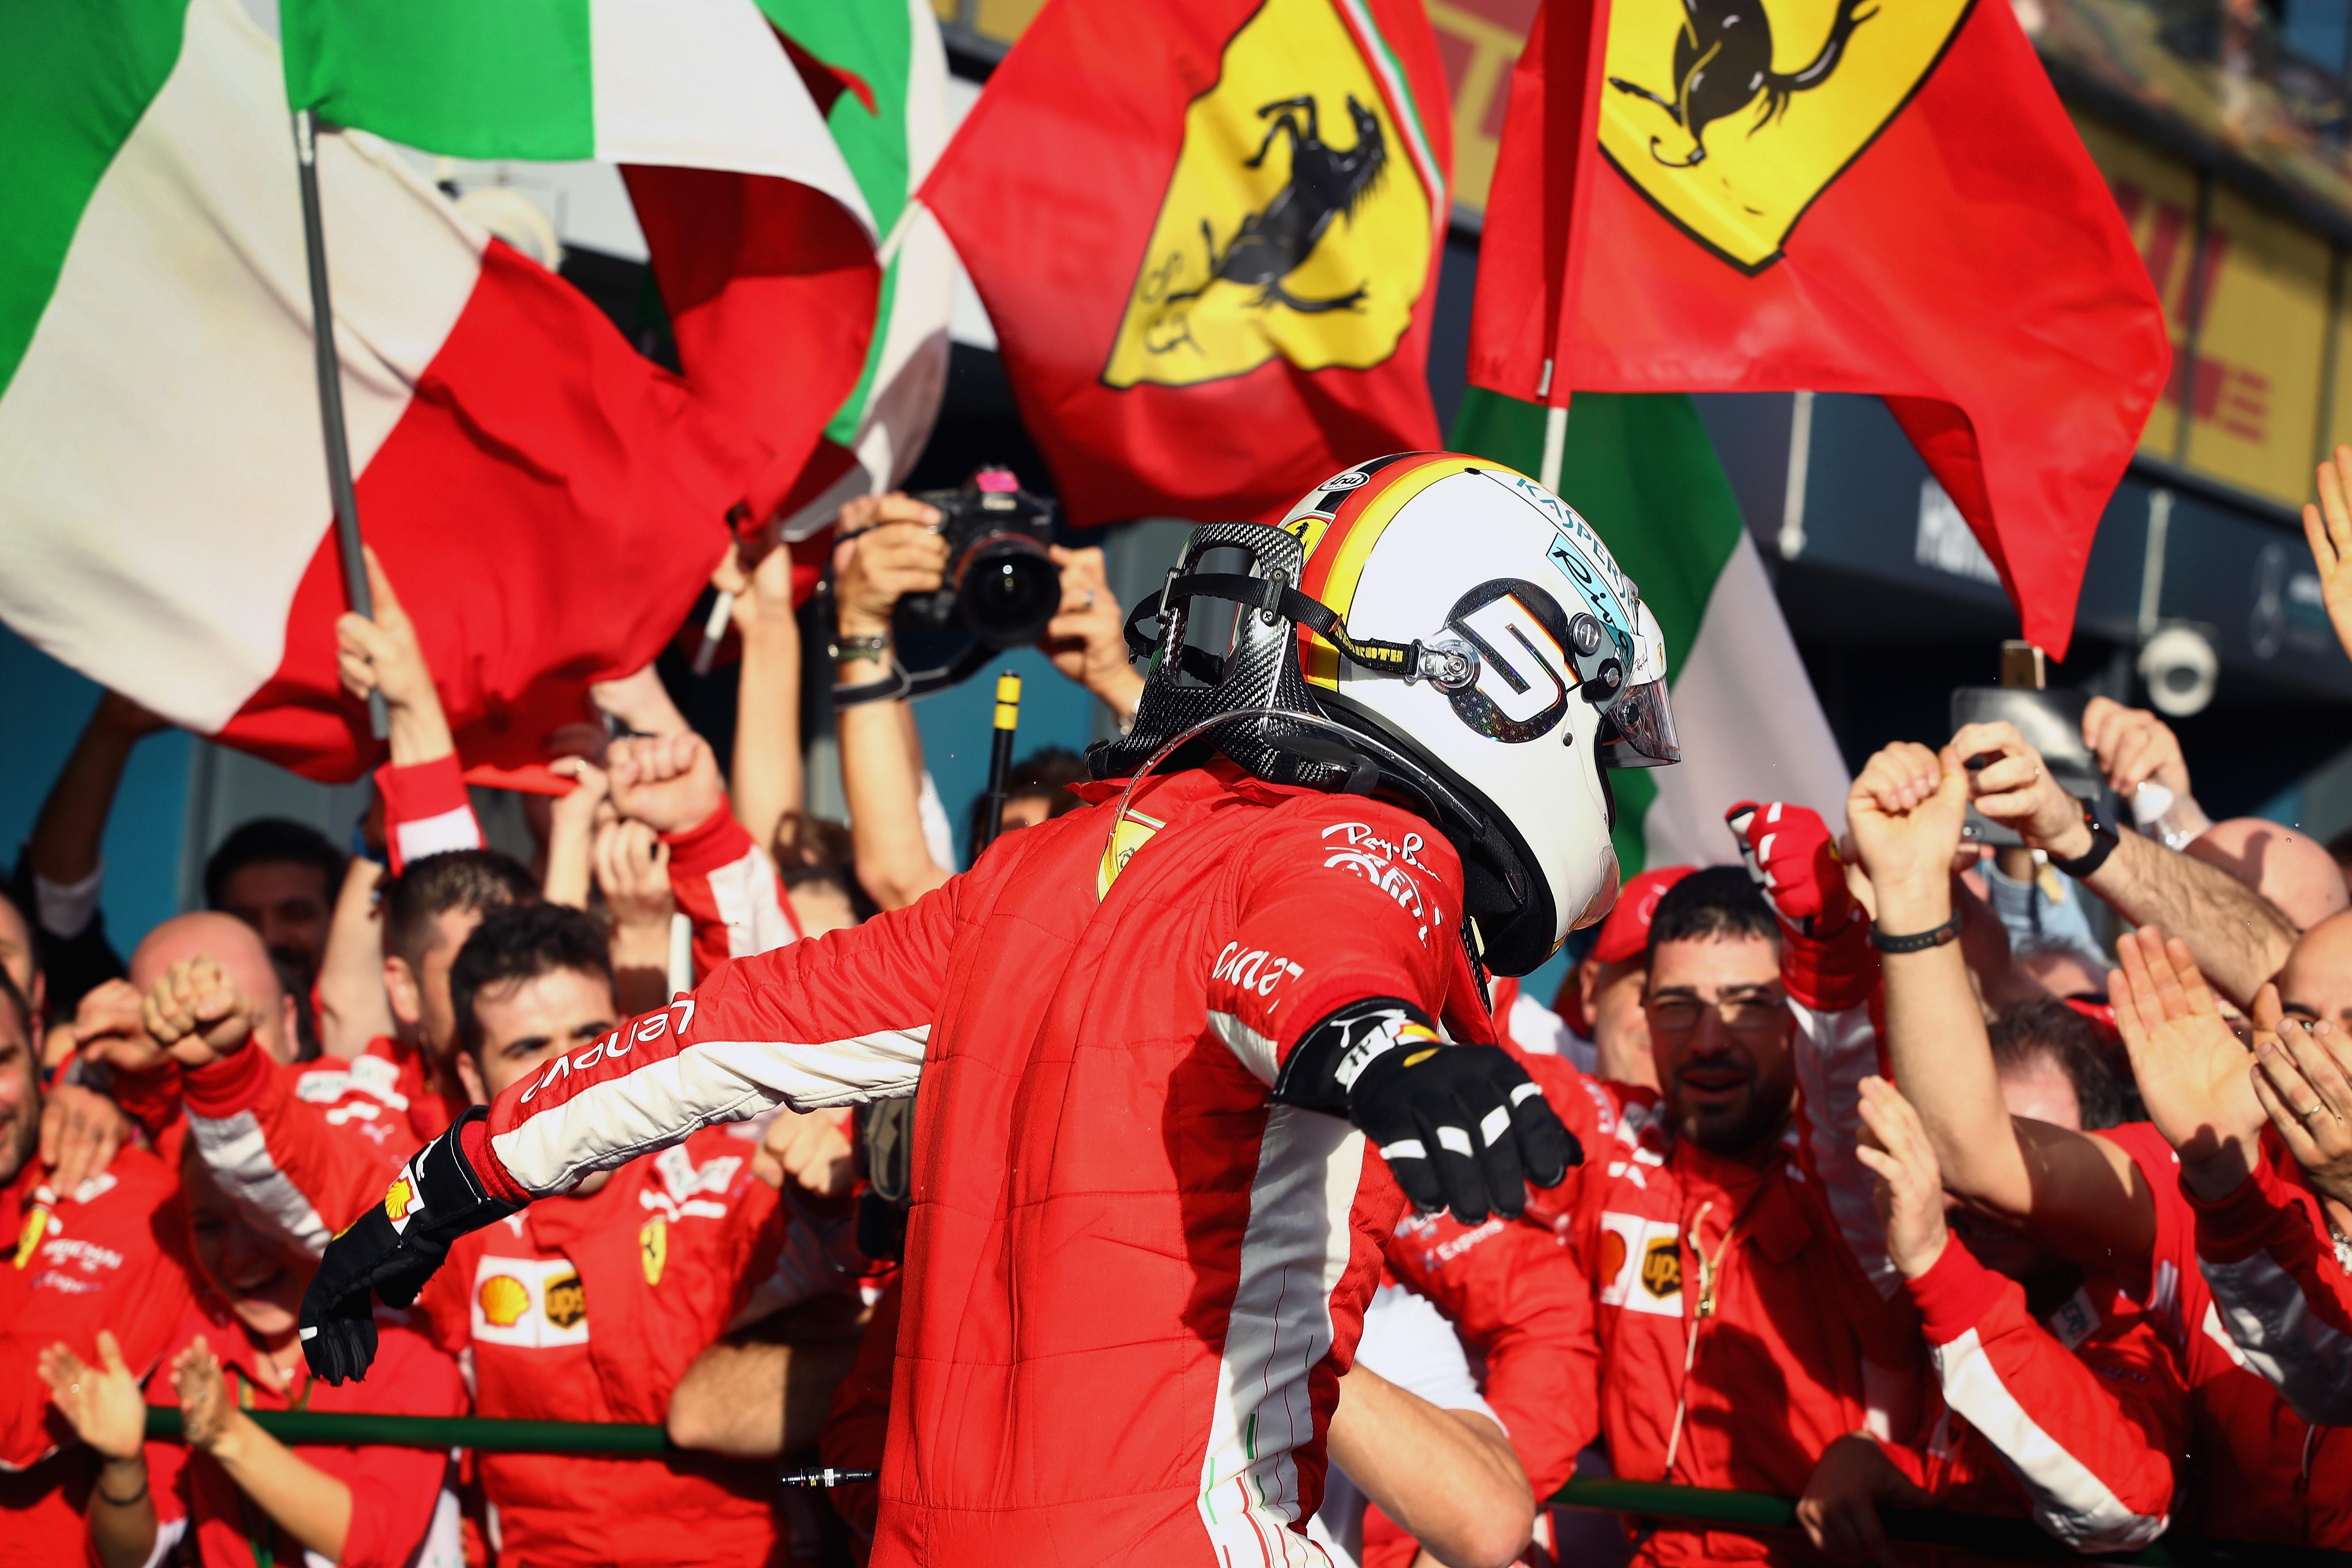 GP d'Australie: Hamilton dominateur en essais libres, Vandoorne 10e